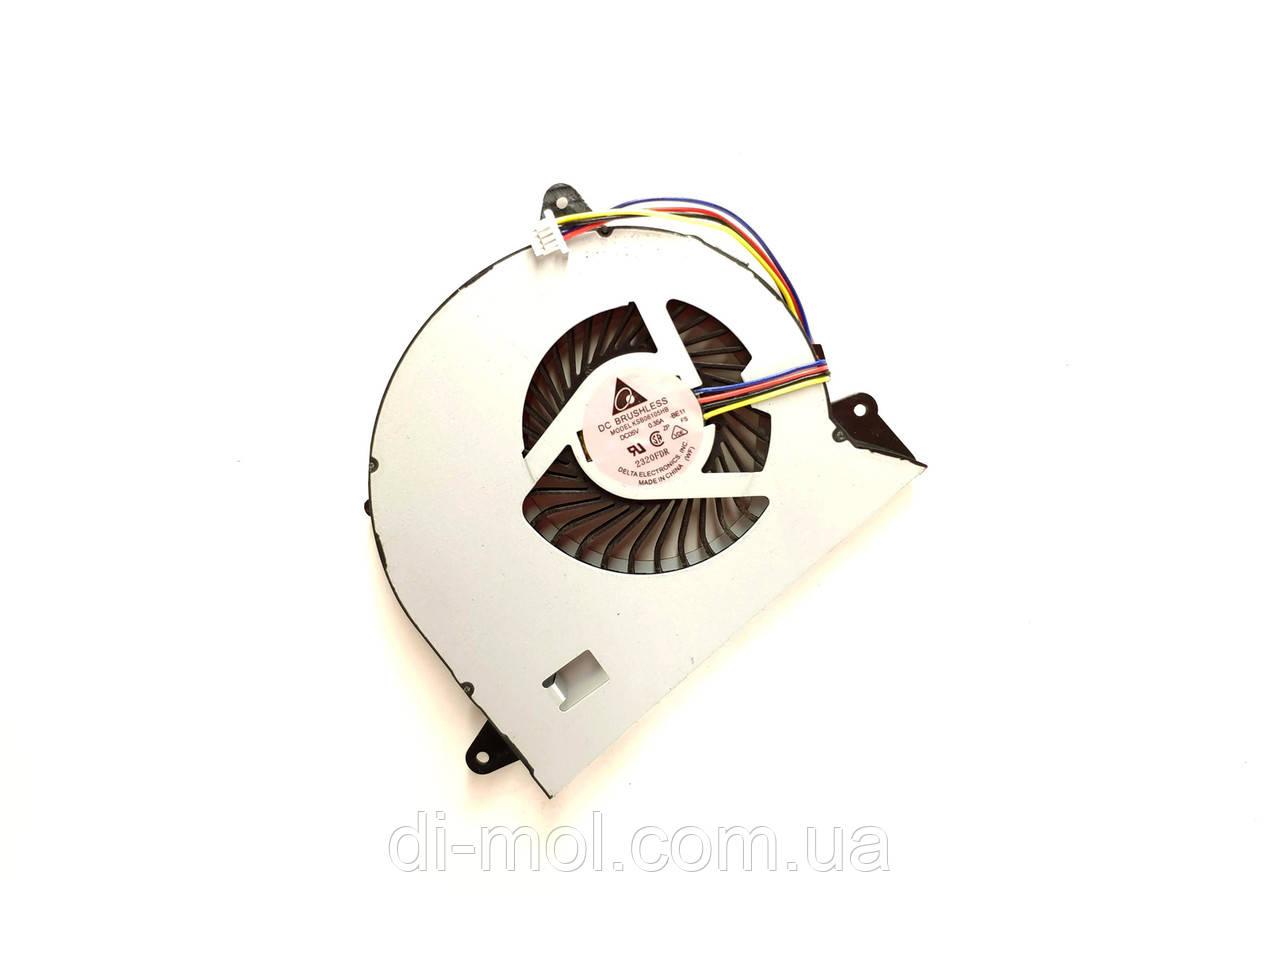 Вентилятор для ноутбука Asus U31F series, 4-pin